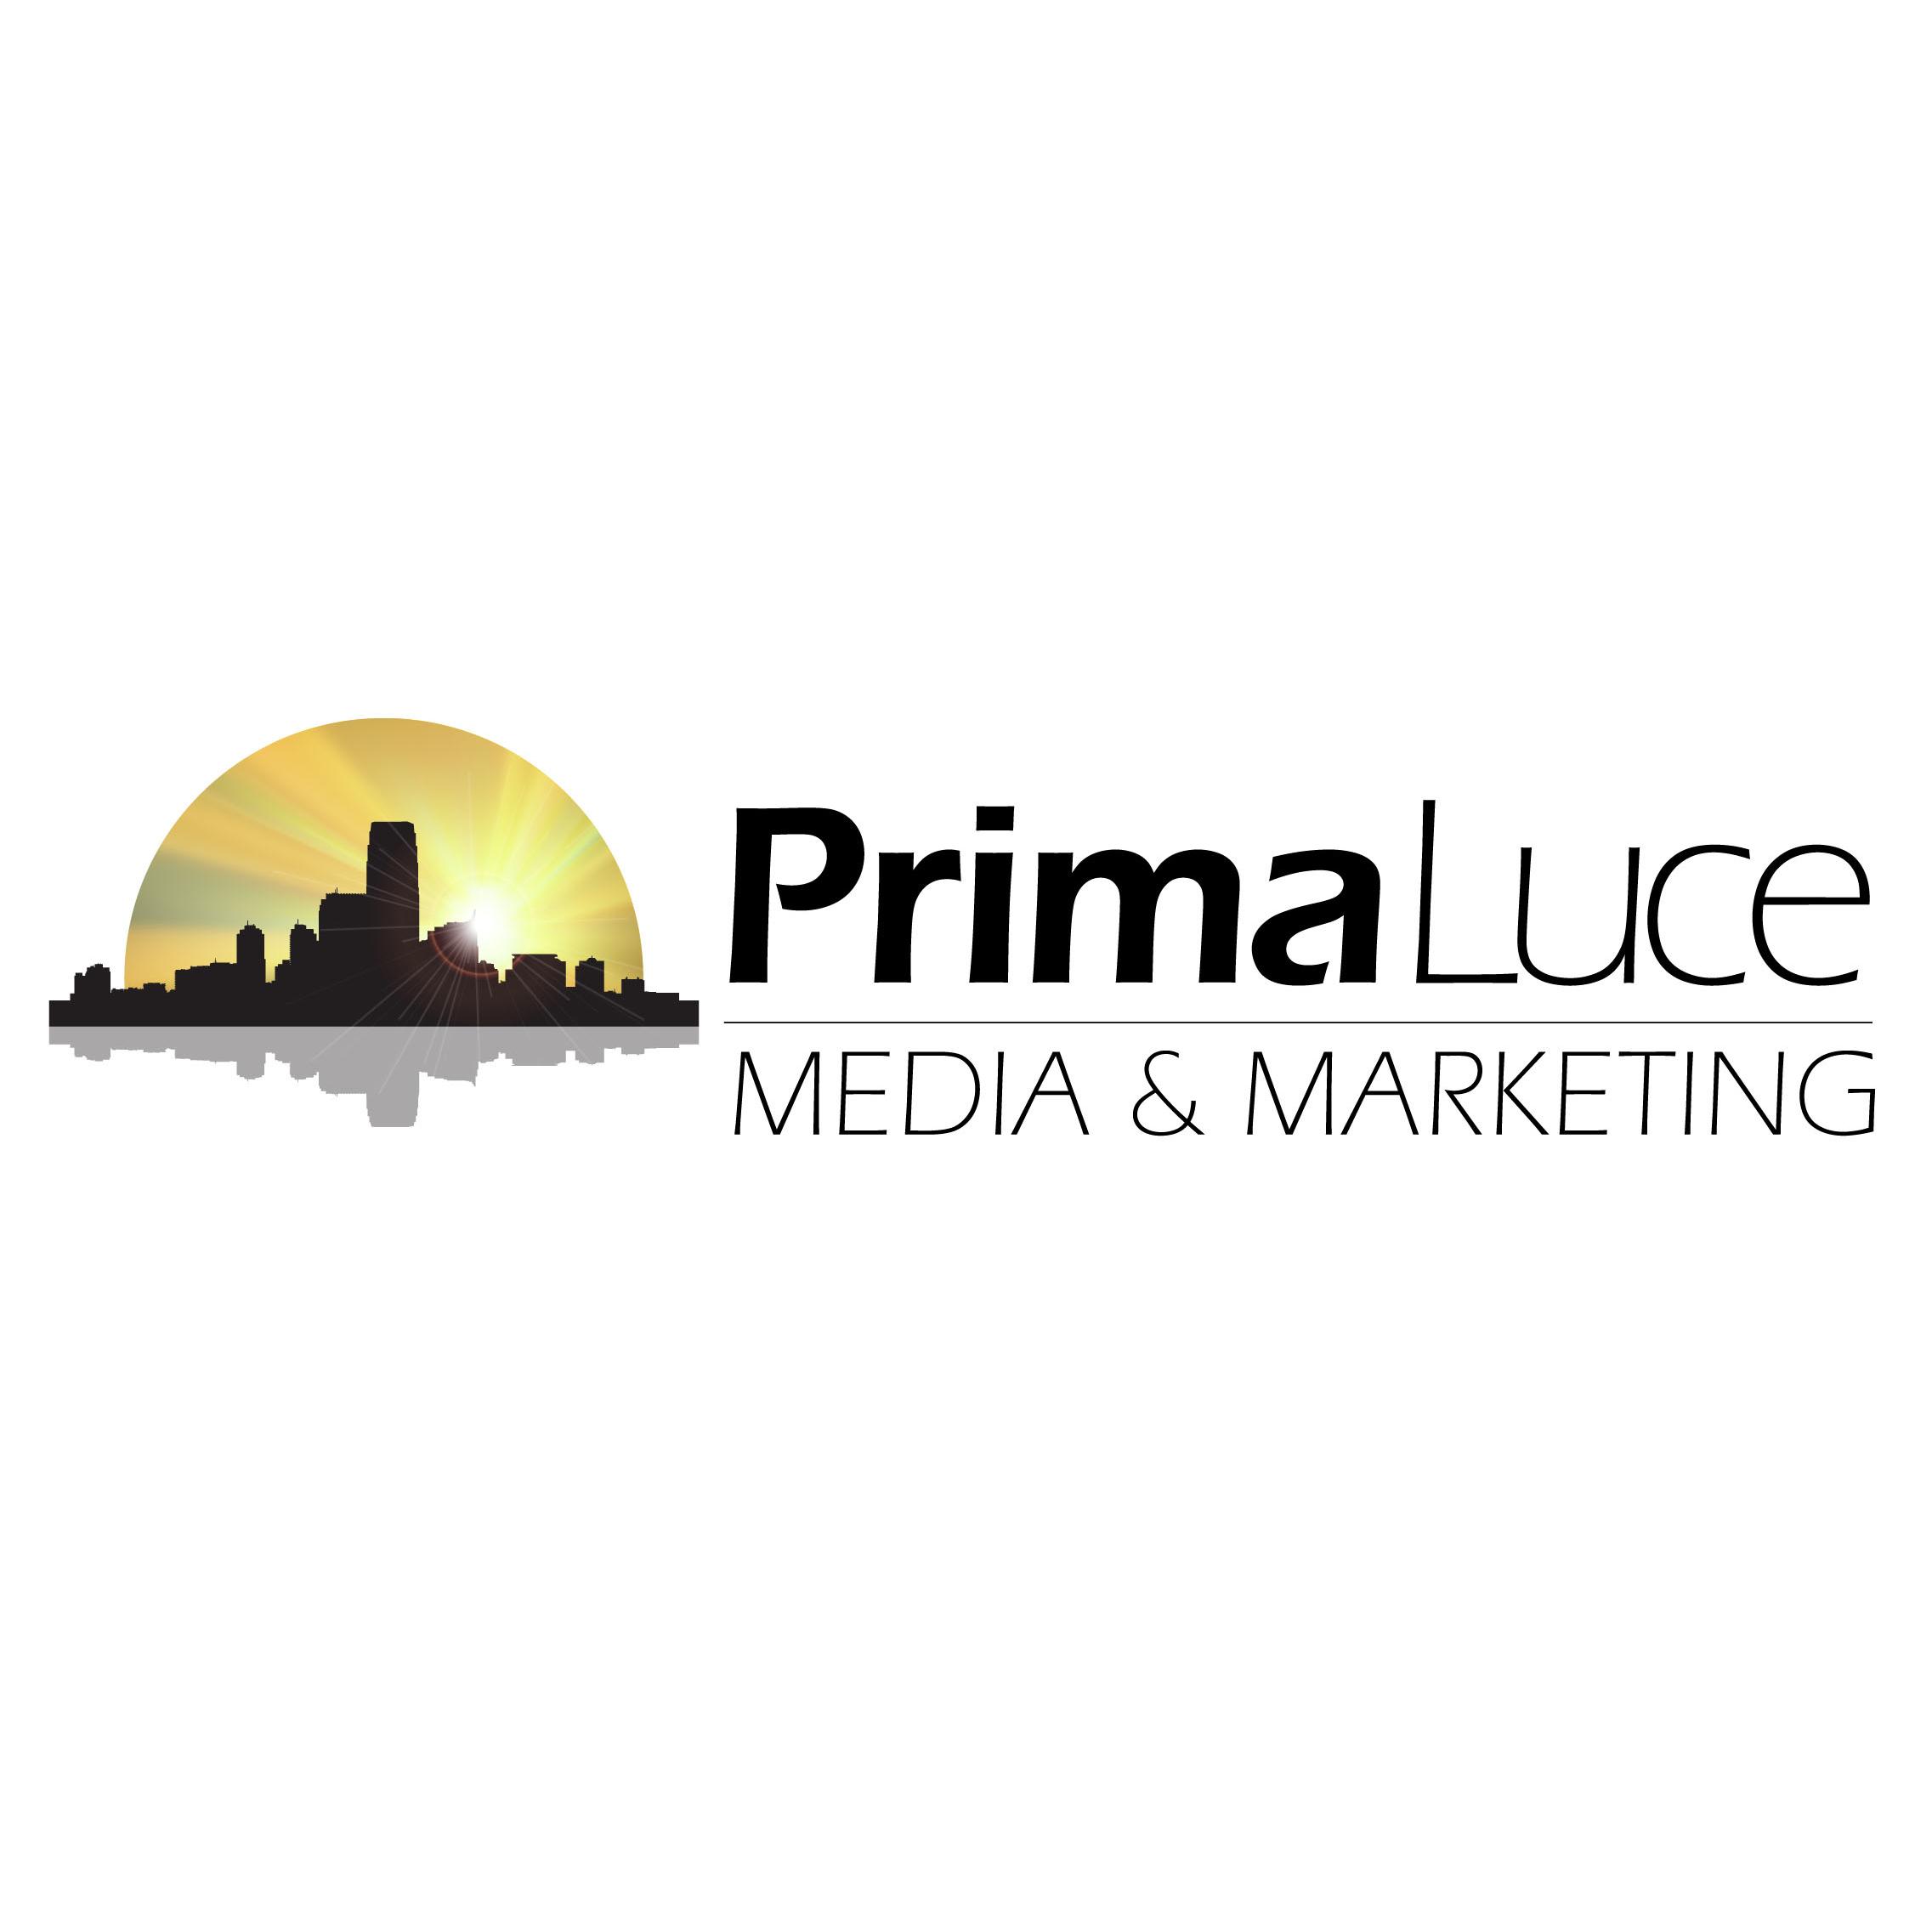 Prima Luce Media